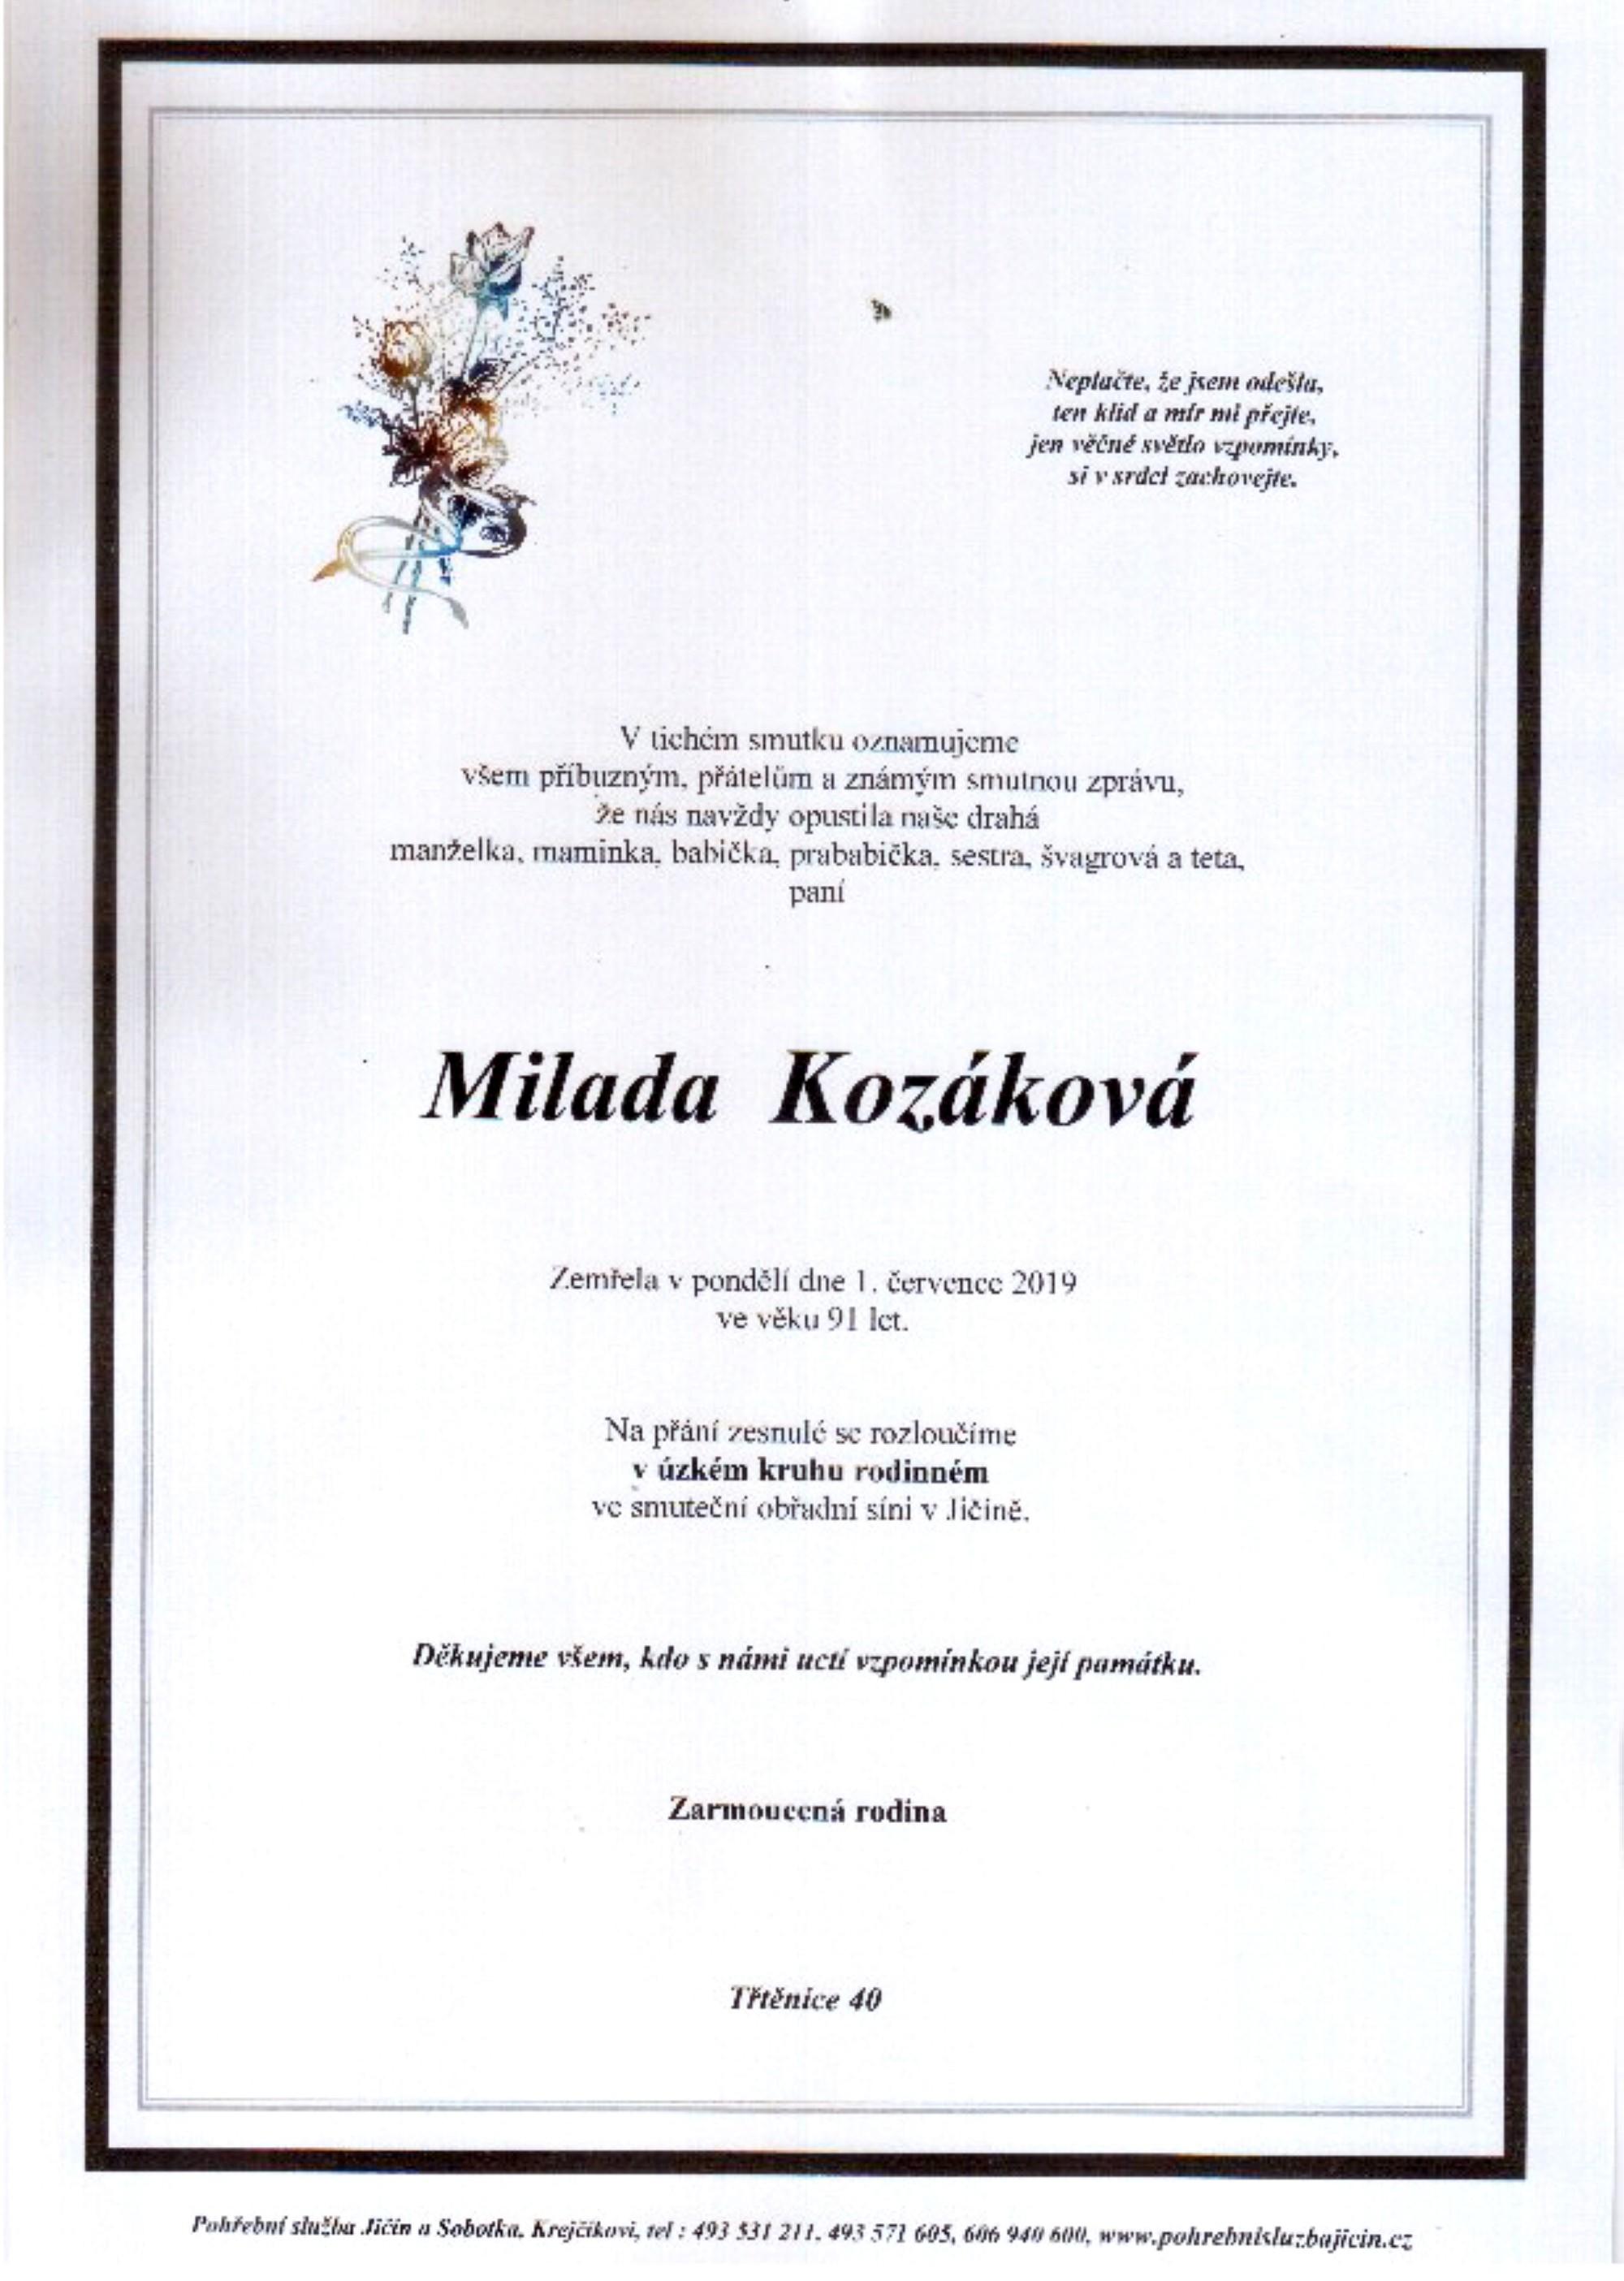 Milada Kozáková